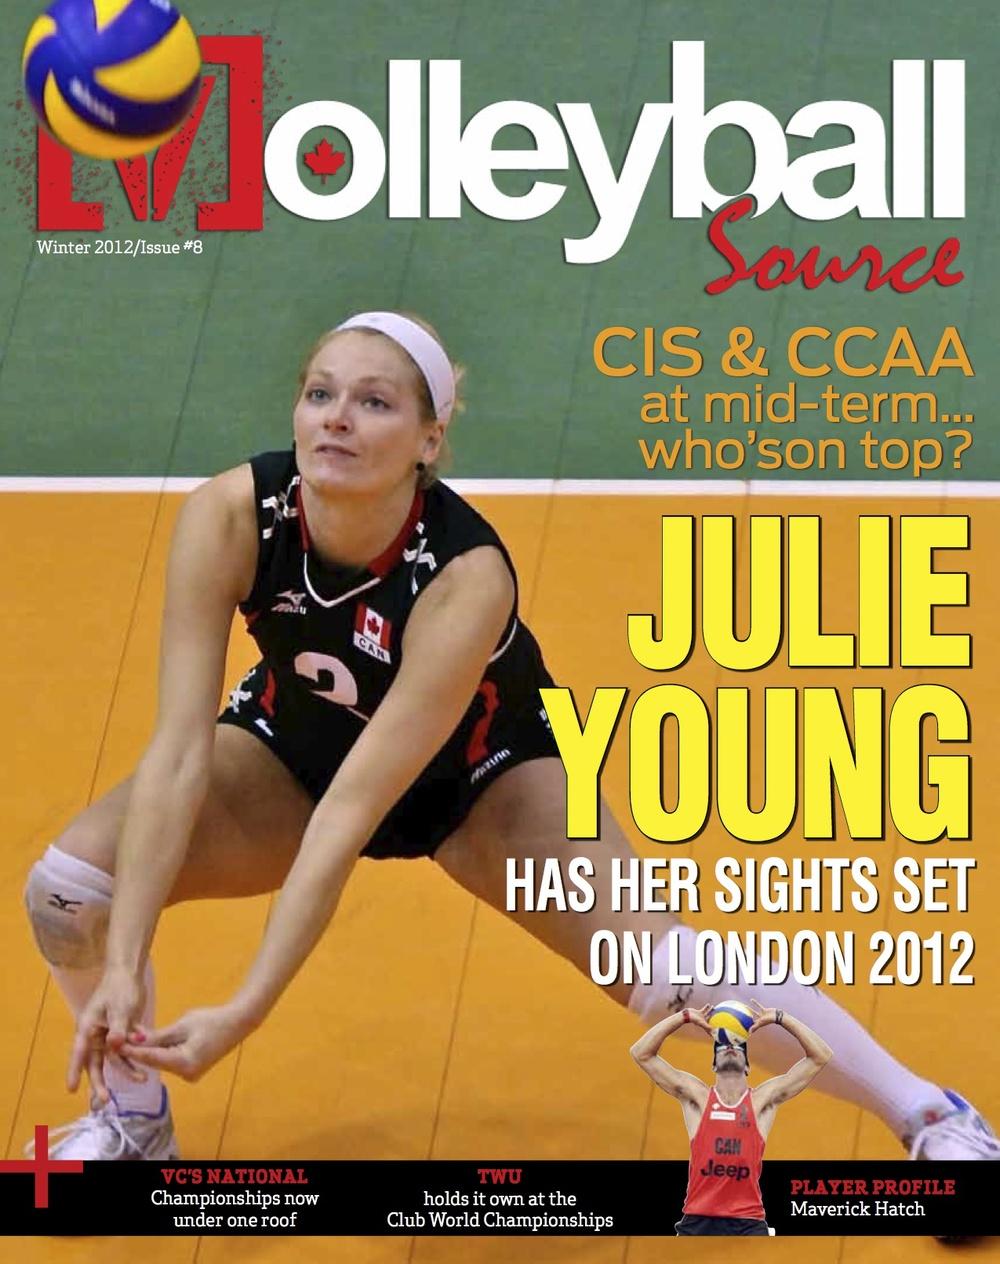 Volleyball Source Magazine Vol.2 Issue#4.jpg